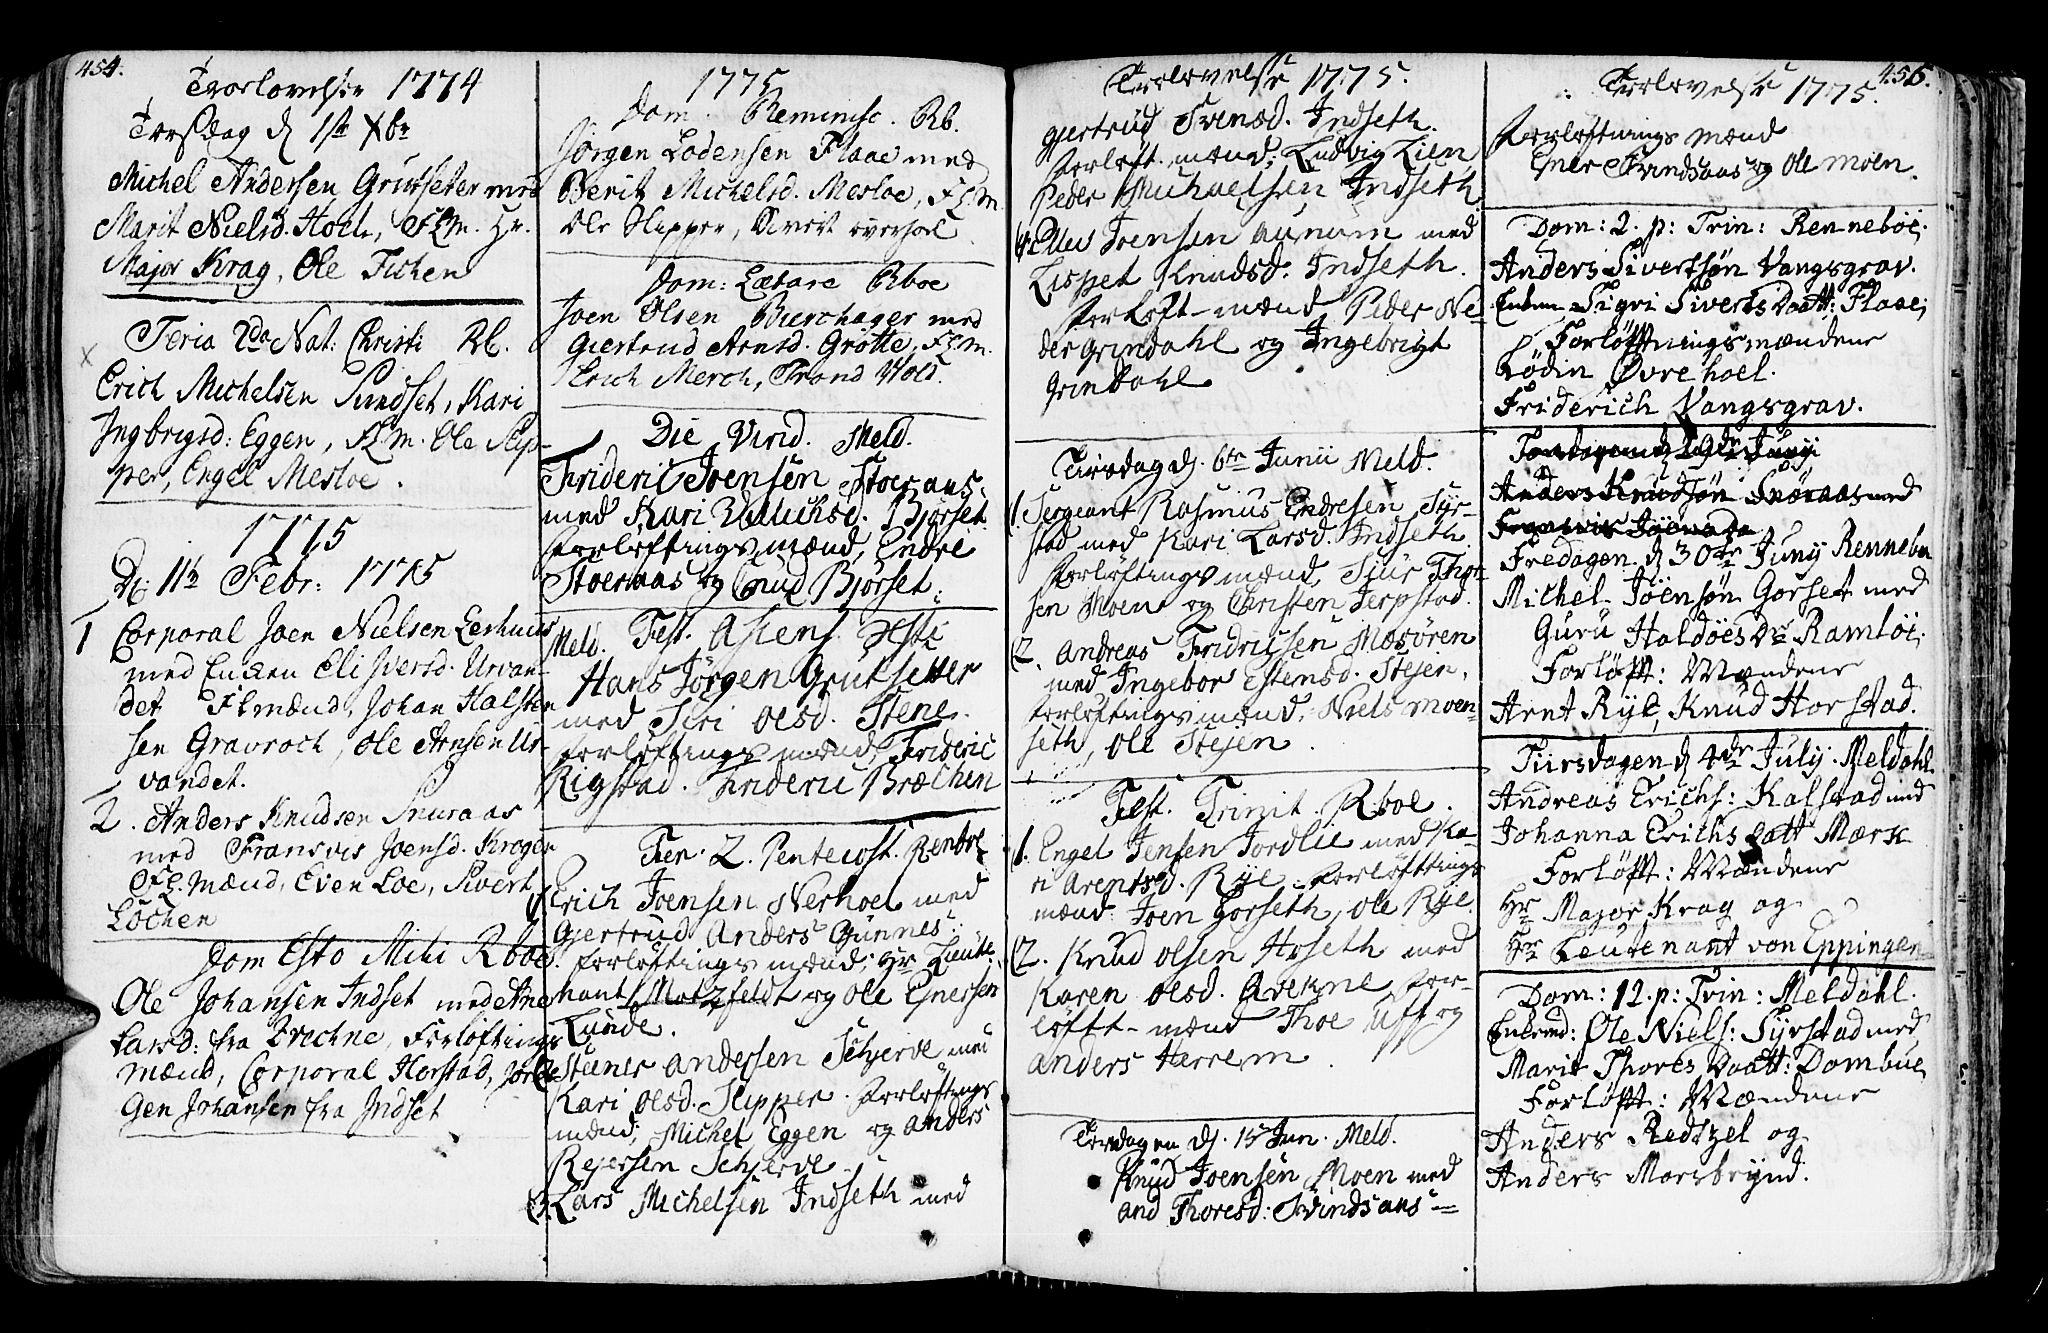 SAT, Ministerialprotokoller, klokkerbøker og fødselsregistre - Sør-Trøndelag, 672/L0851: Ministerialbok nr. 672A04, 1751-1775, s. 454-455